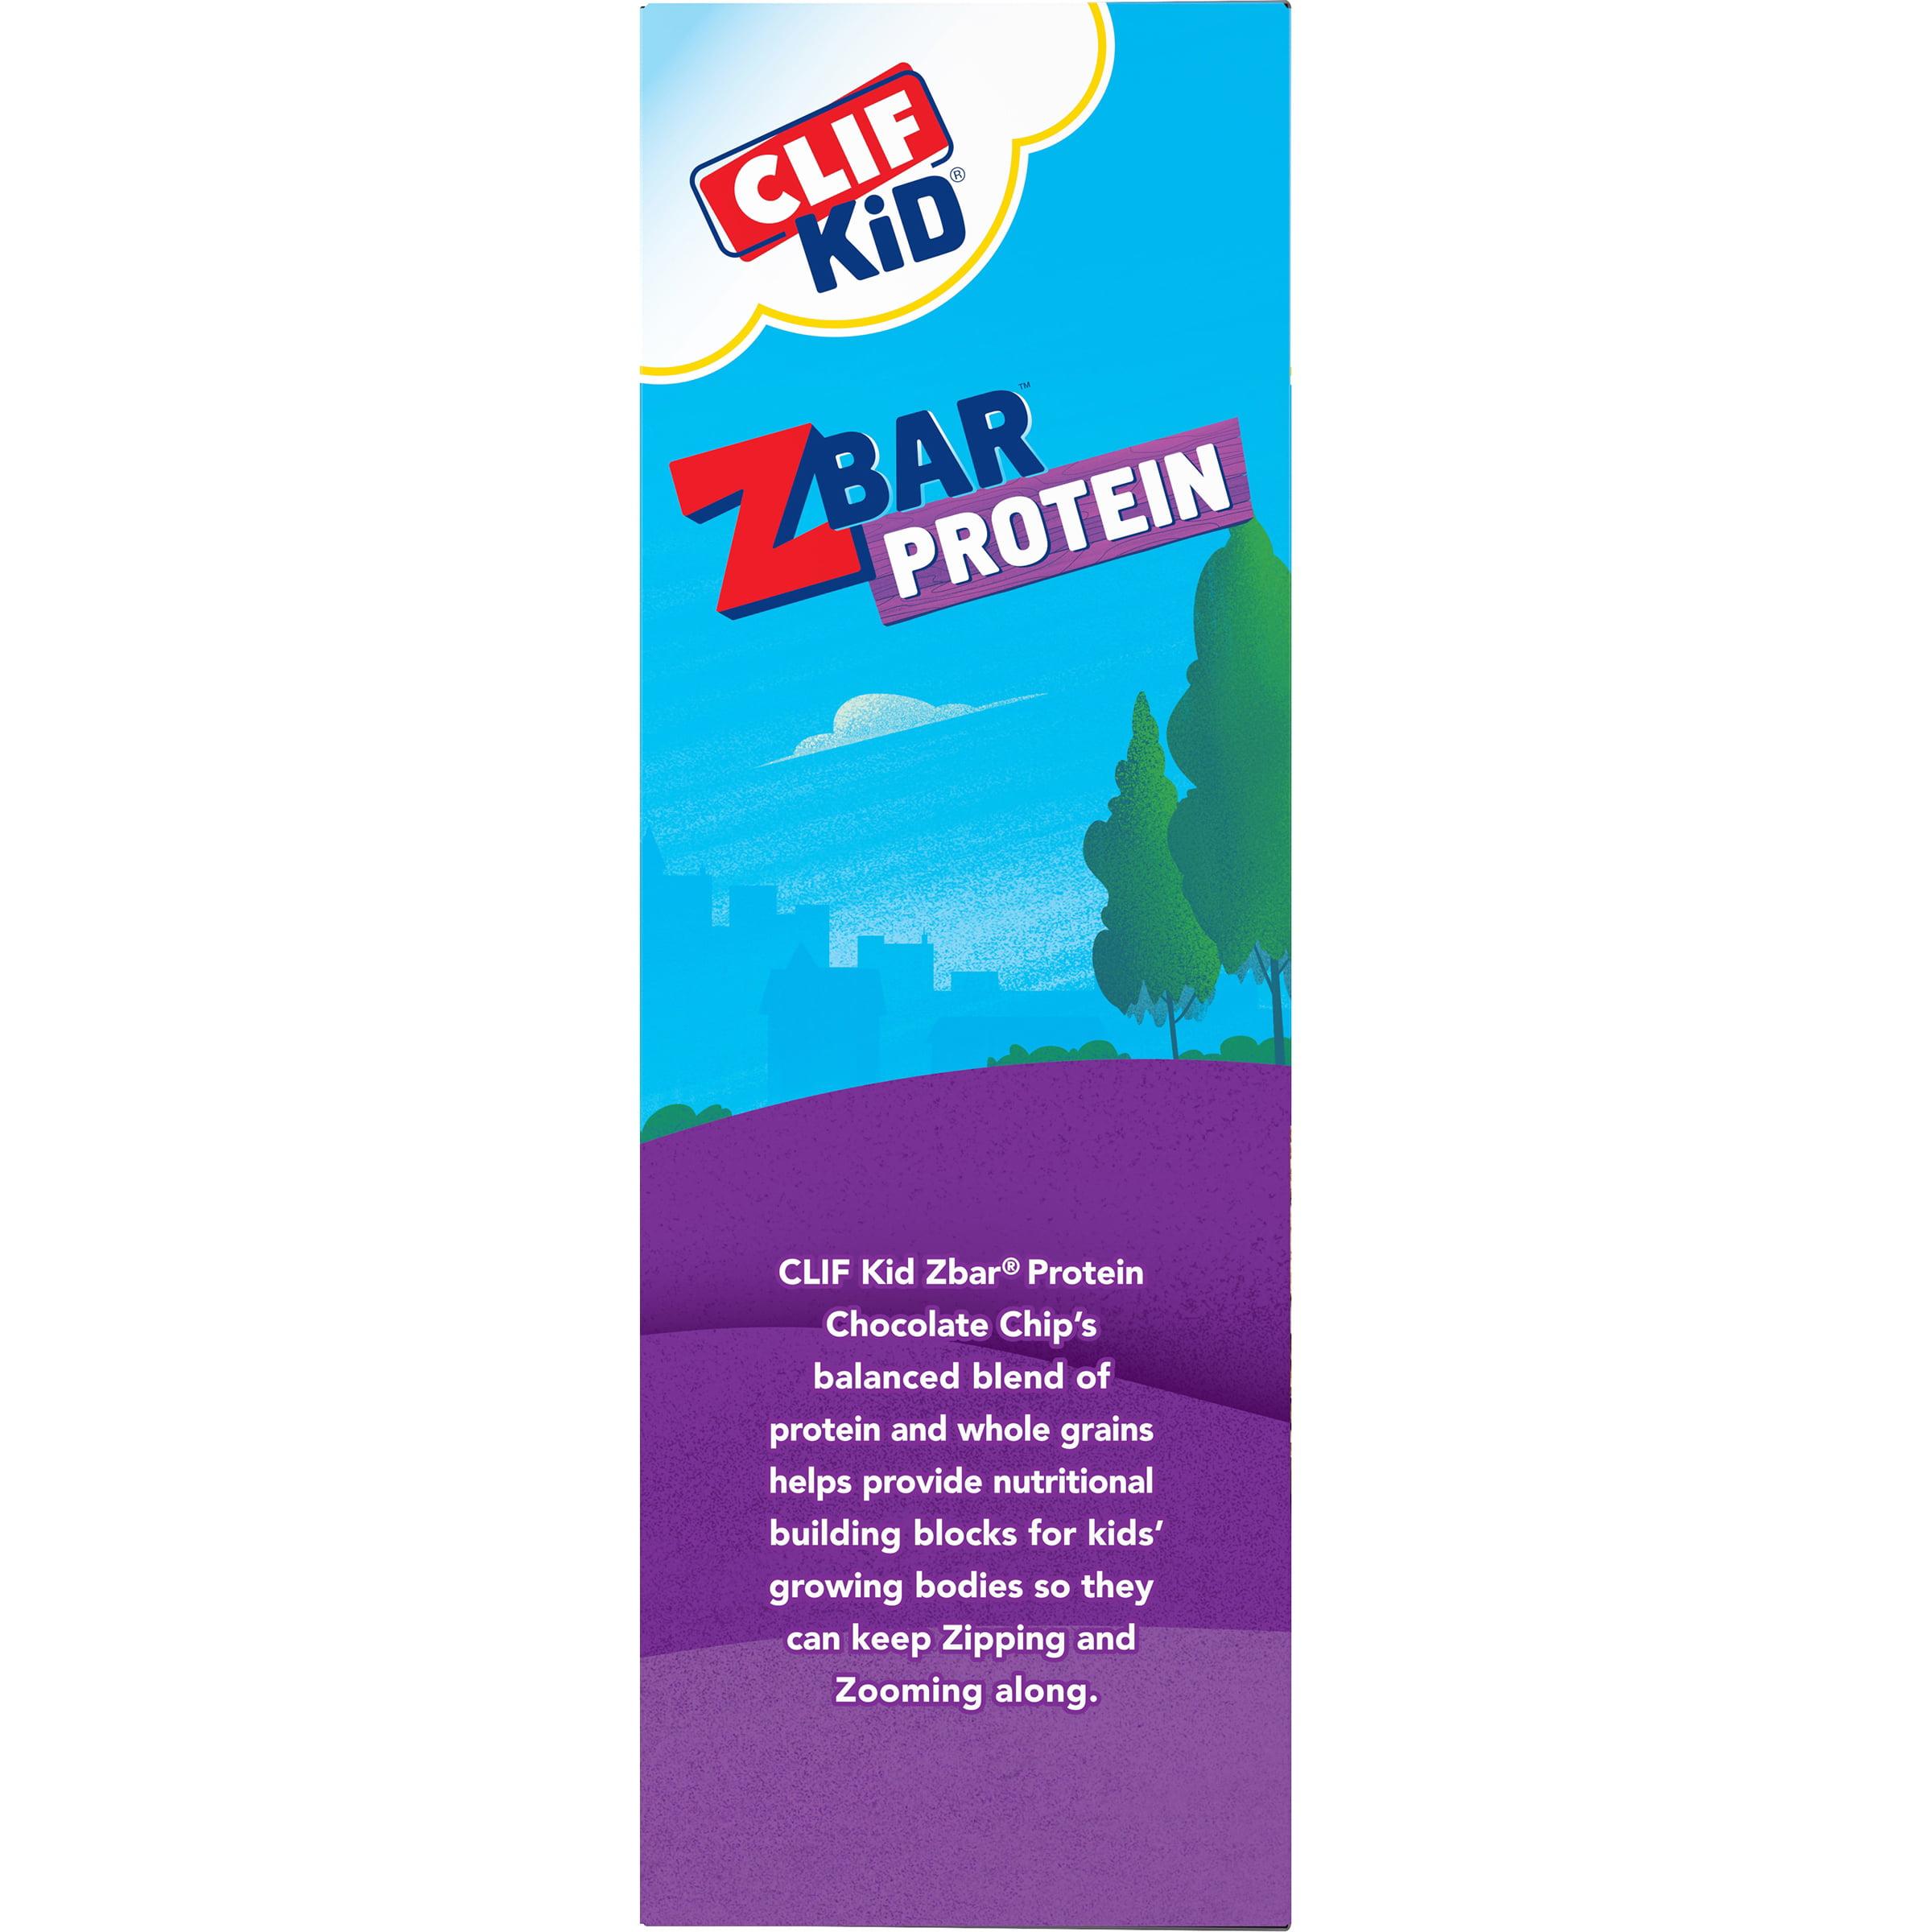 CLIF Kid Zbar Protein, Chocolate Chip, 1 27 Oz, 10 Ct